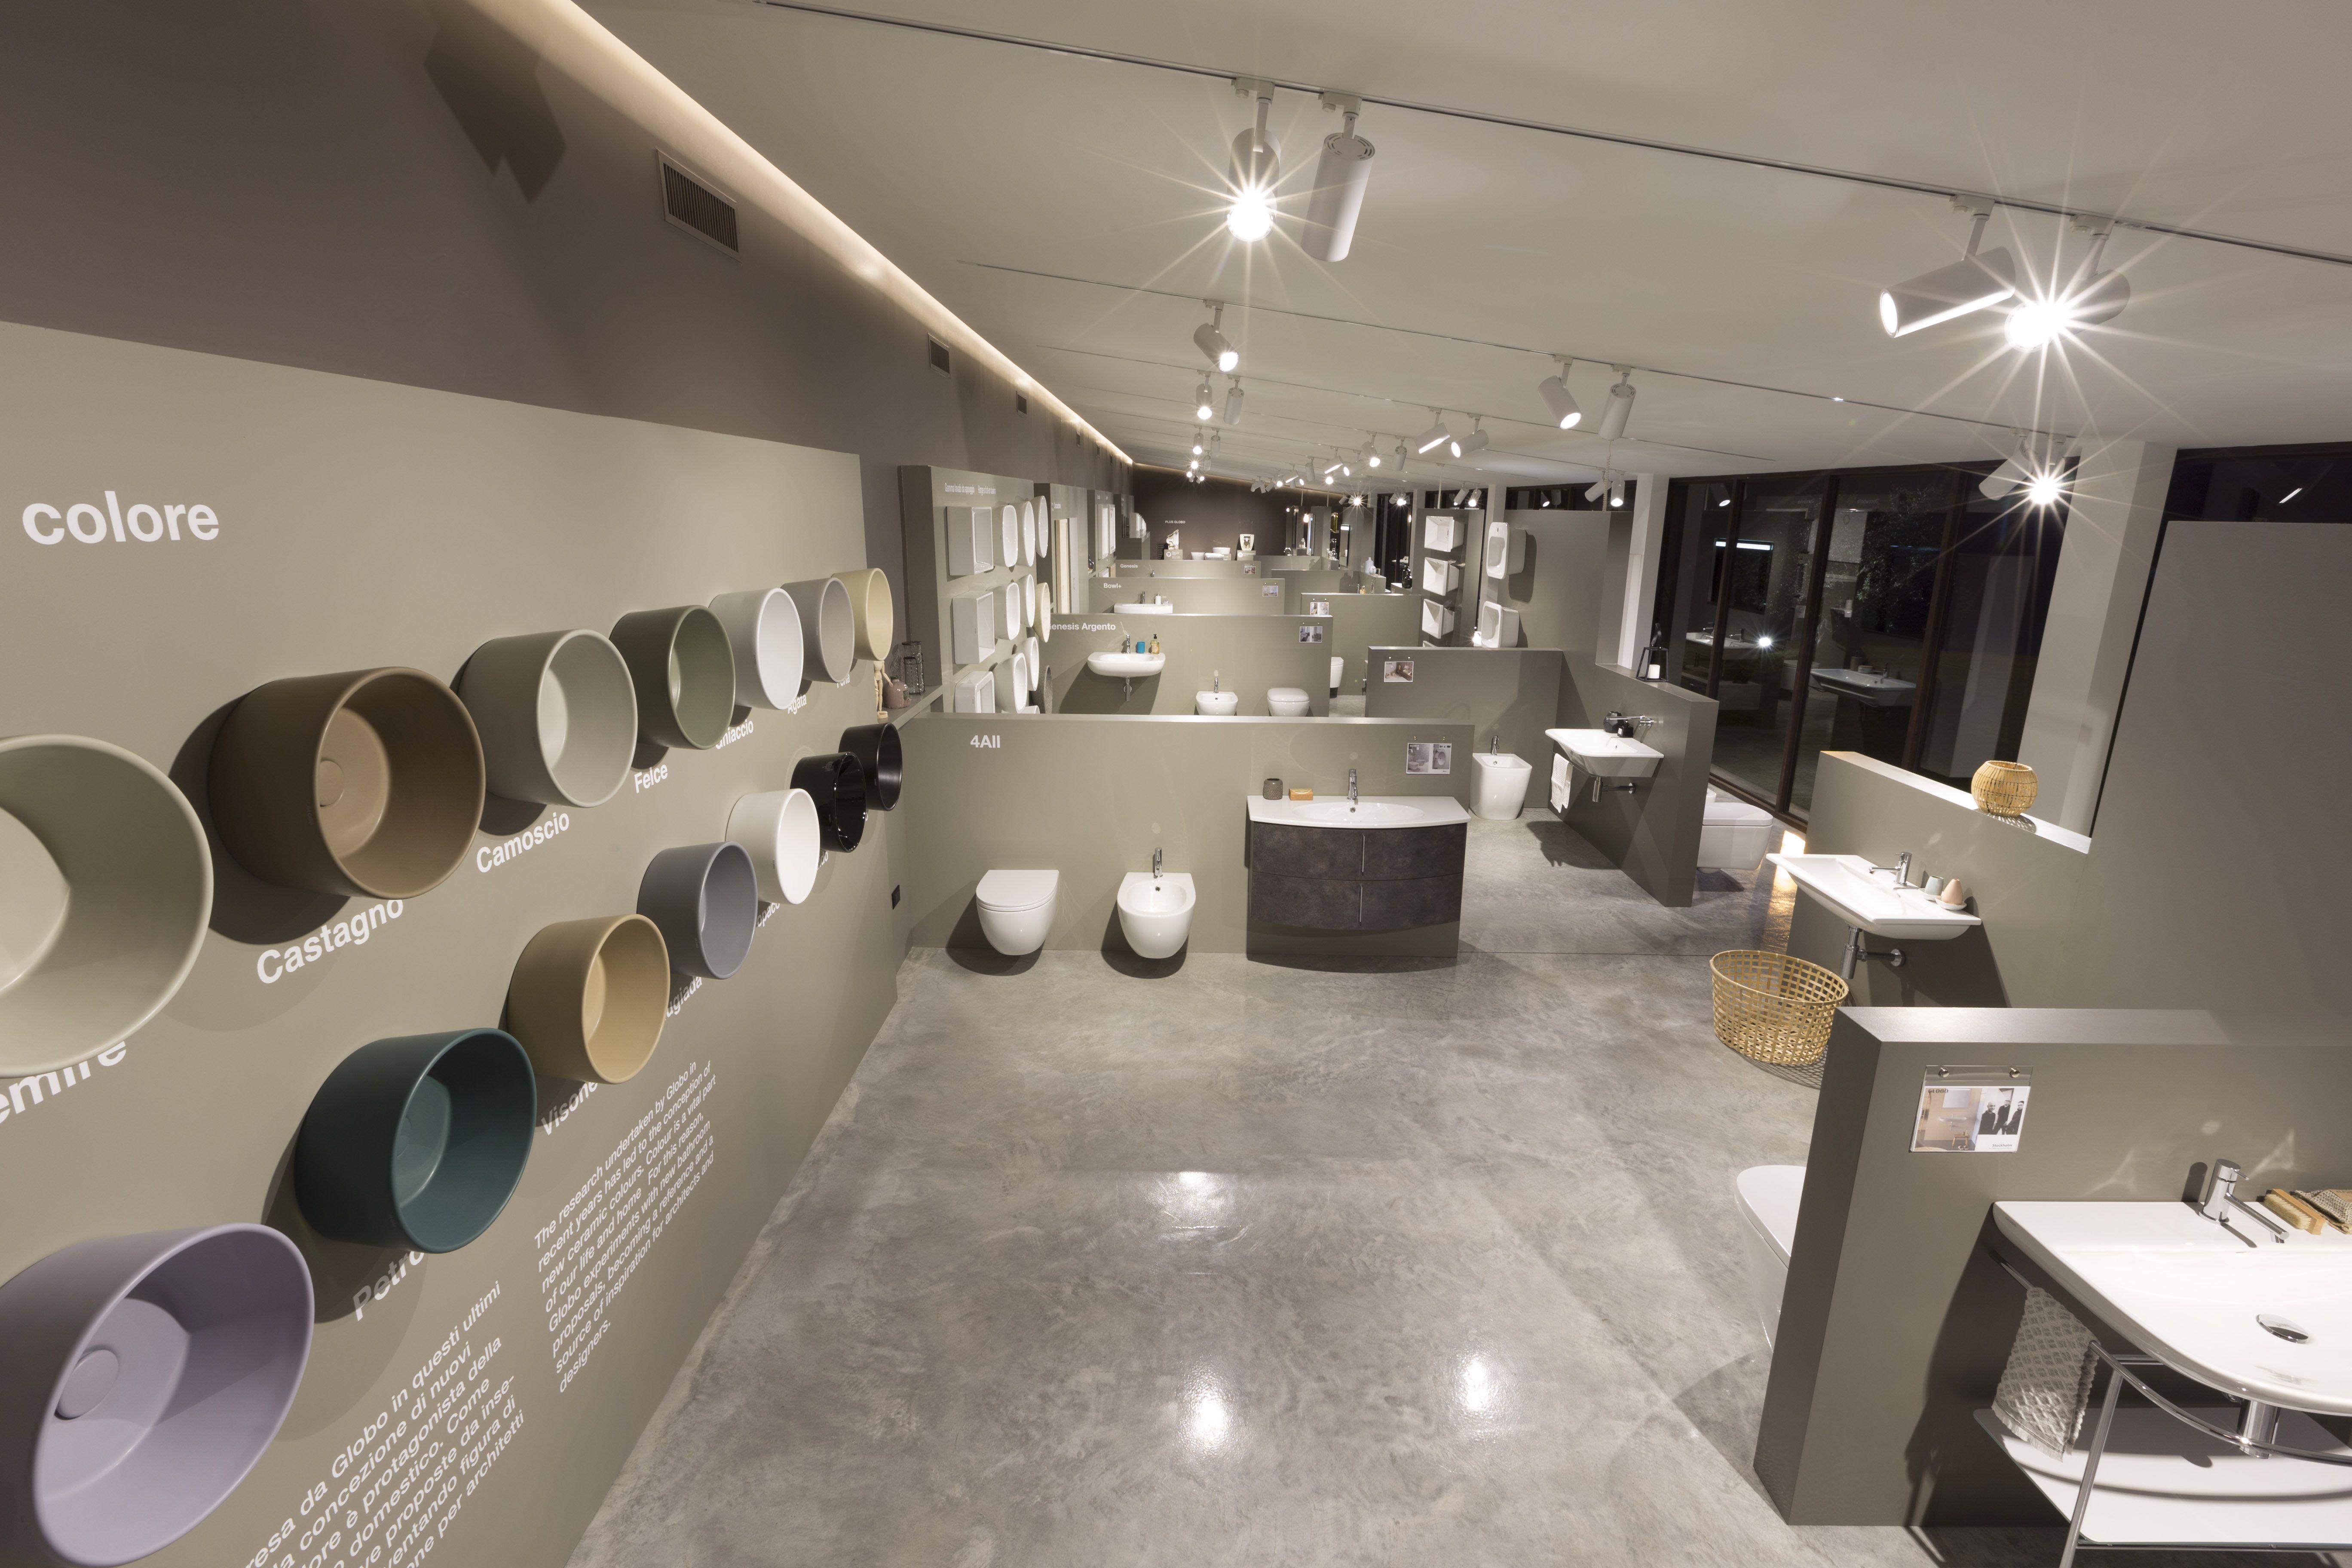 Vasca Da Bagno Globo Paestum : Ceramica globo ceramicaglobo su pinterest